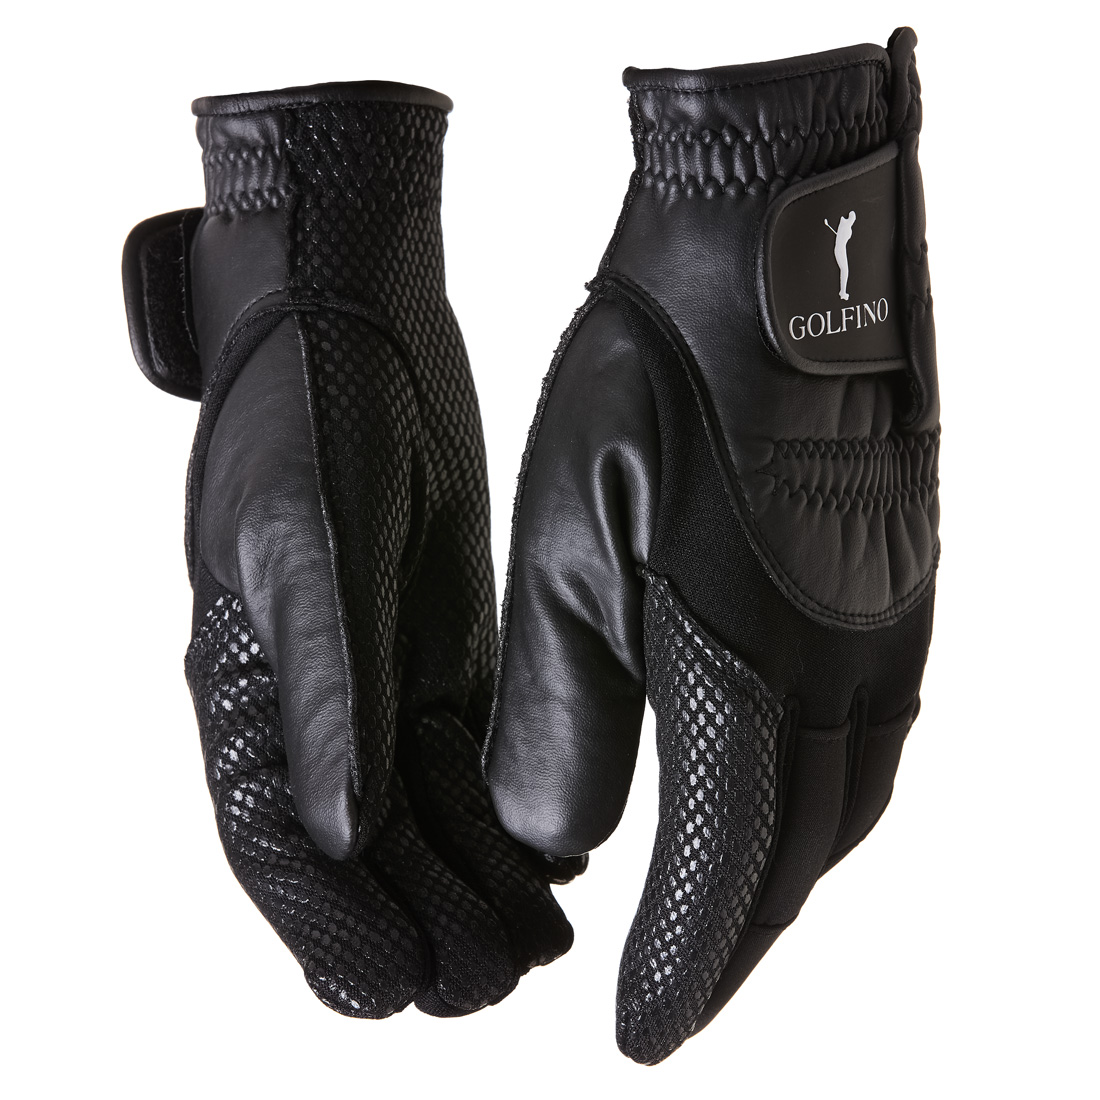 Herren Golfhandschuhe in Lederoptik mit Klettverschlüssen